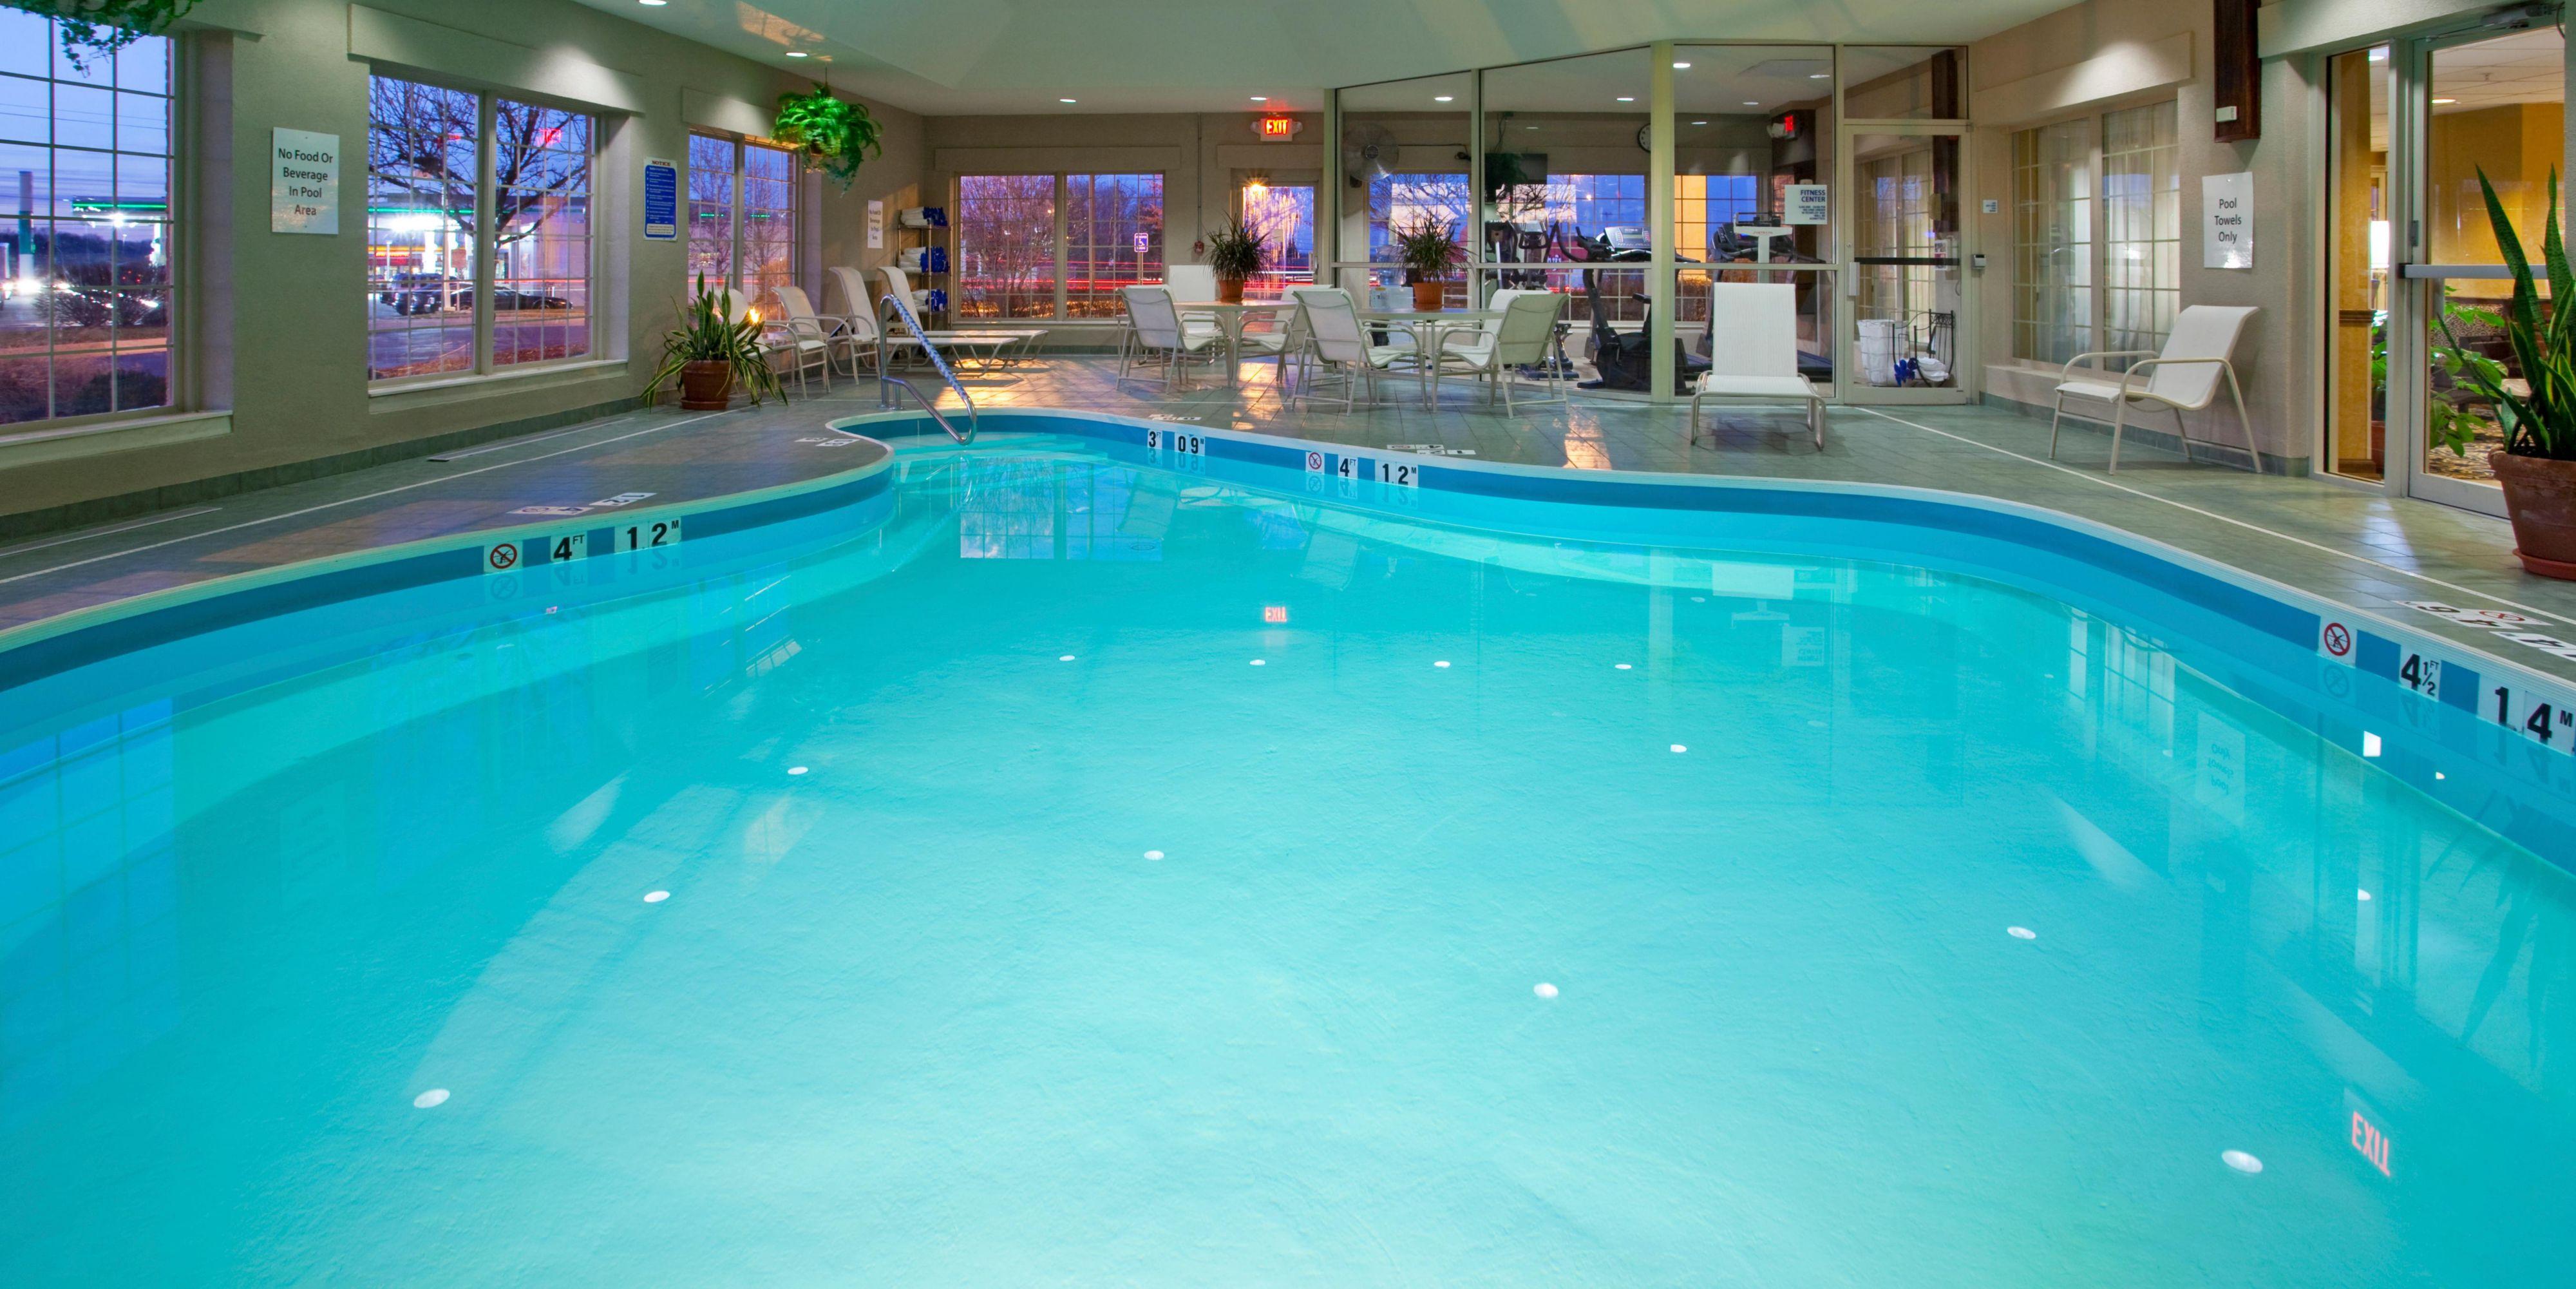 Bathroom Renovations Sunbury holiday inn express & suites sunbury-columbus area hotelihg